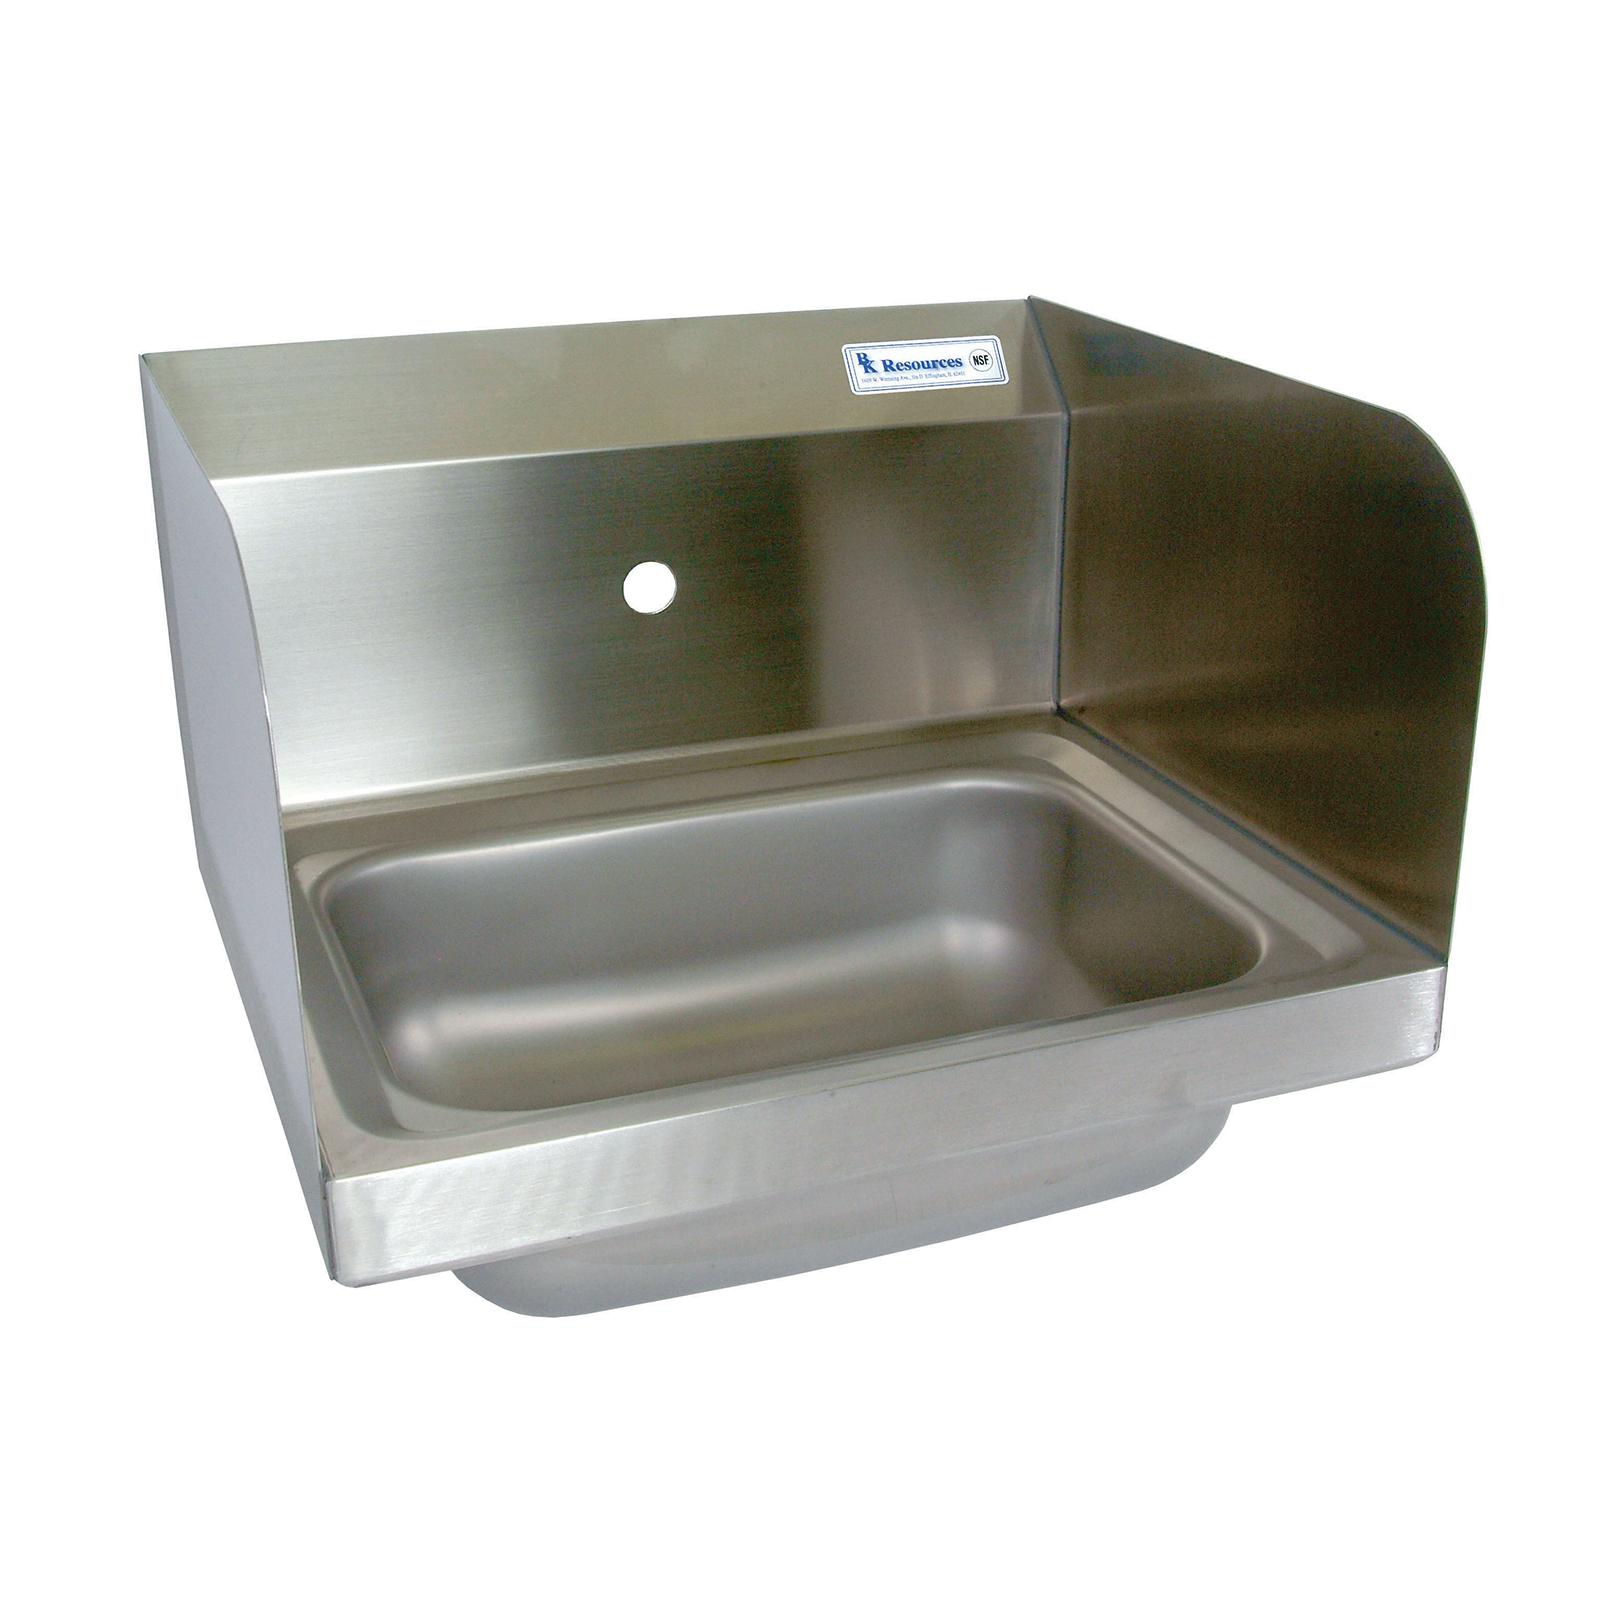 BK Resources BKHS-W-1410-1-SS sink, hand